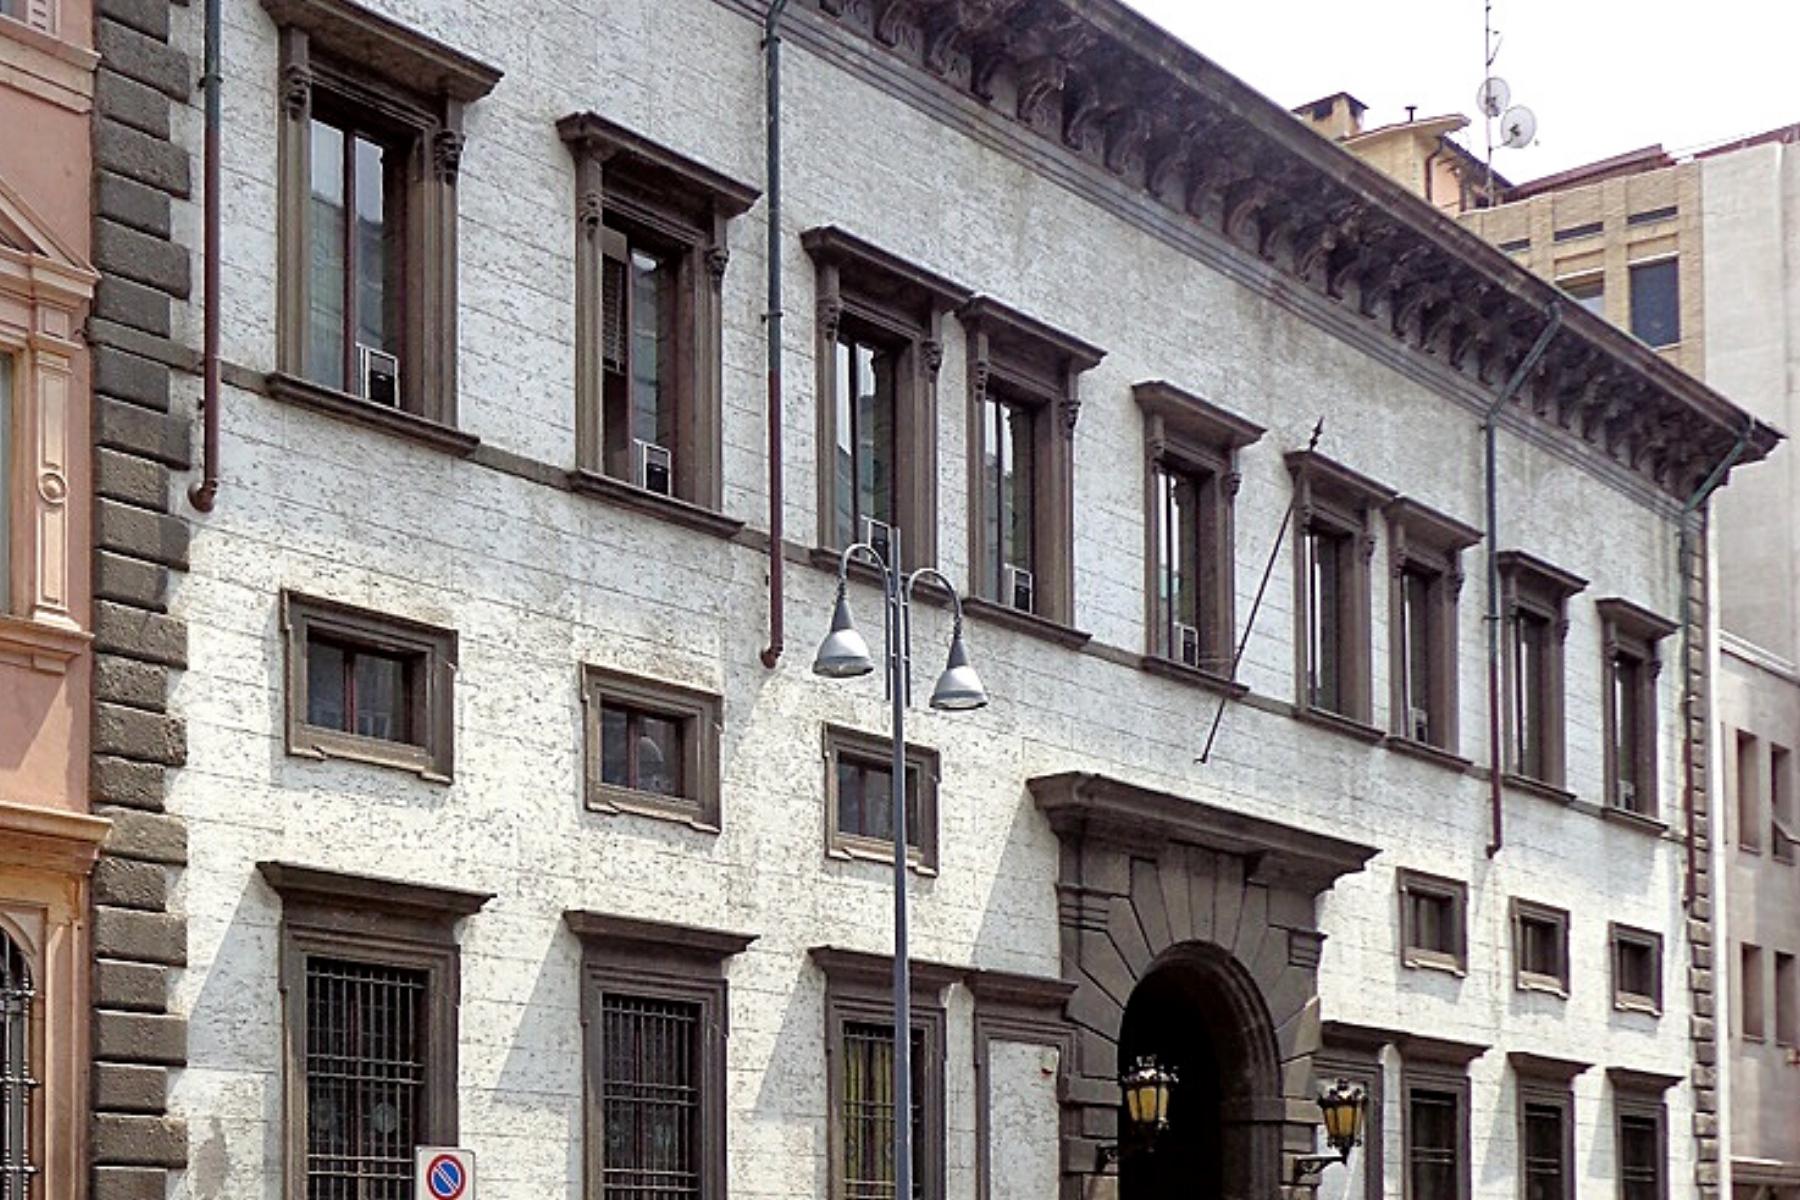 Visita letteraria: la Milano della Scapigliatura